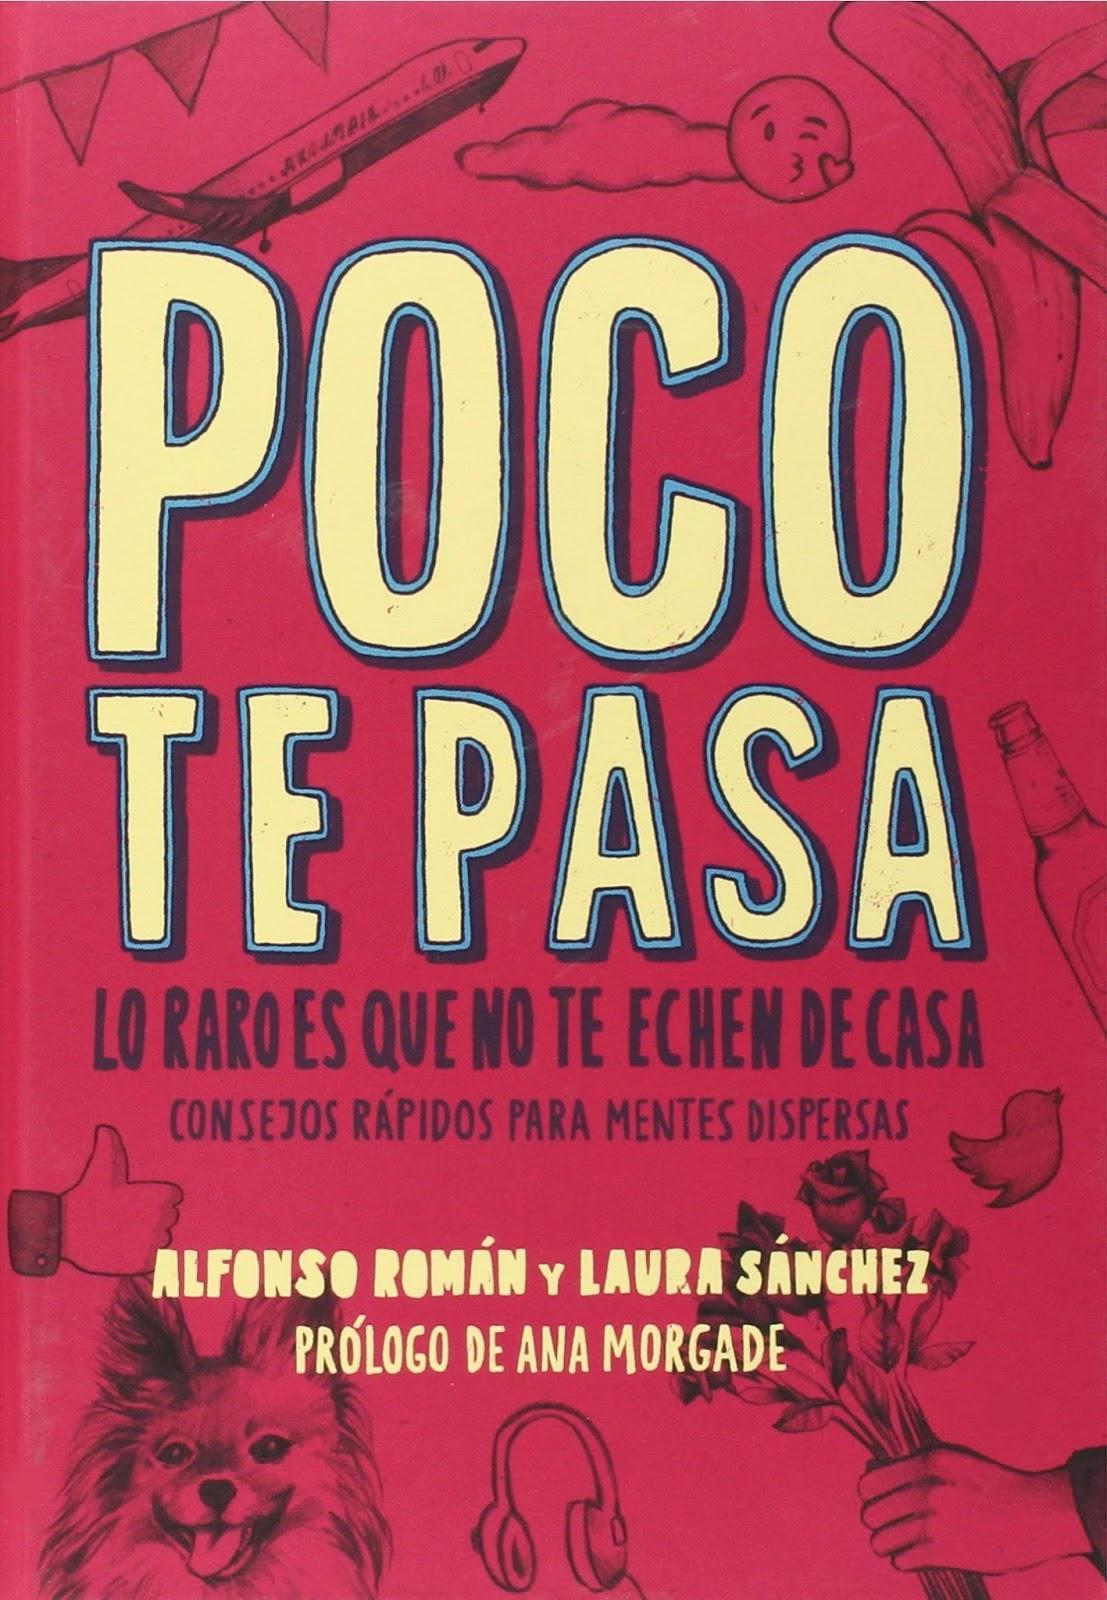 ENTREVISTA A ALFONSO ROMÁN Y LAURA SÁNCHEZ: Autores de